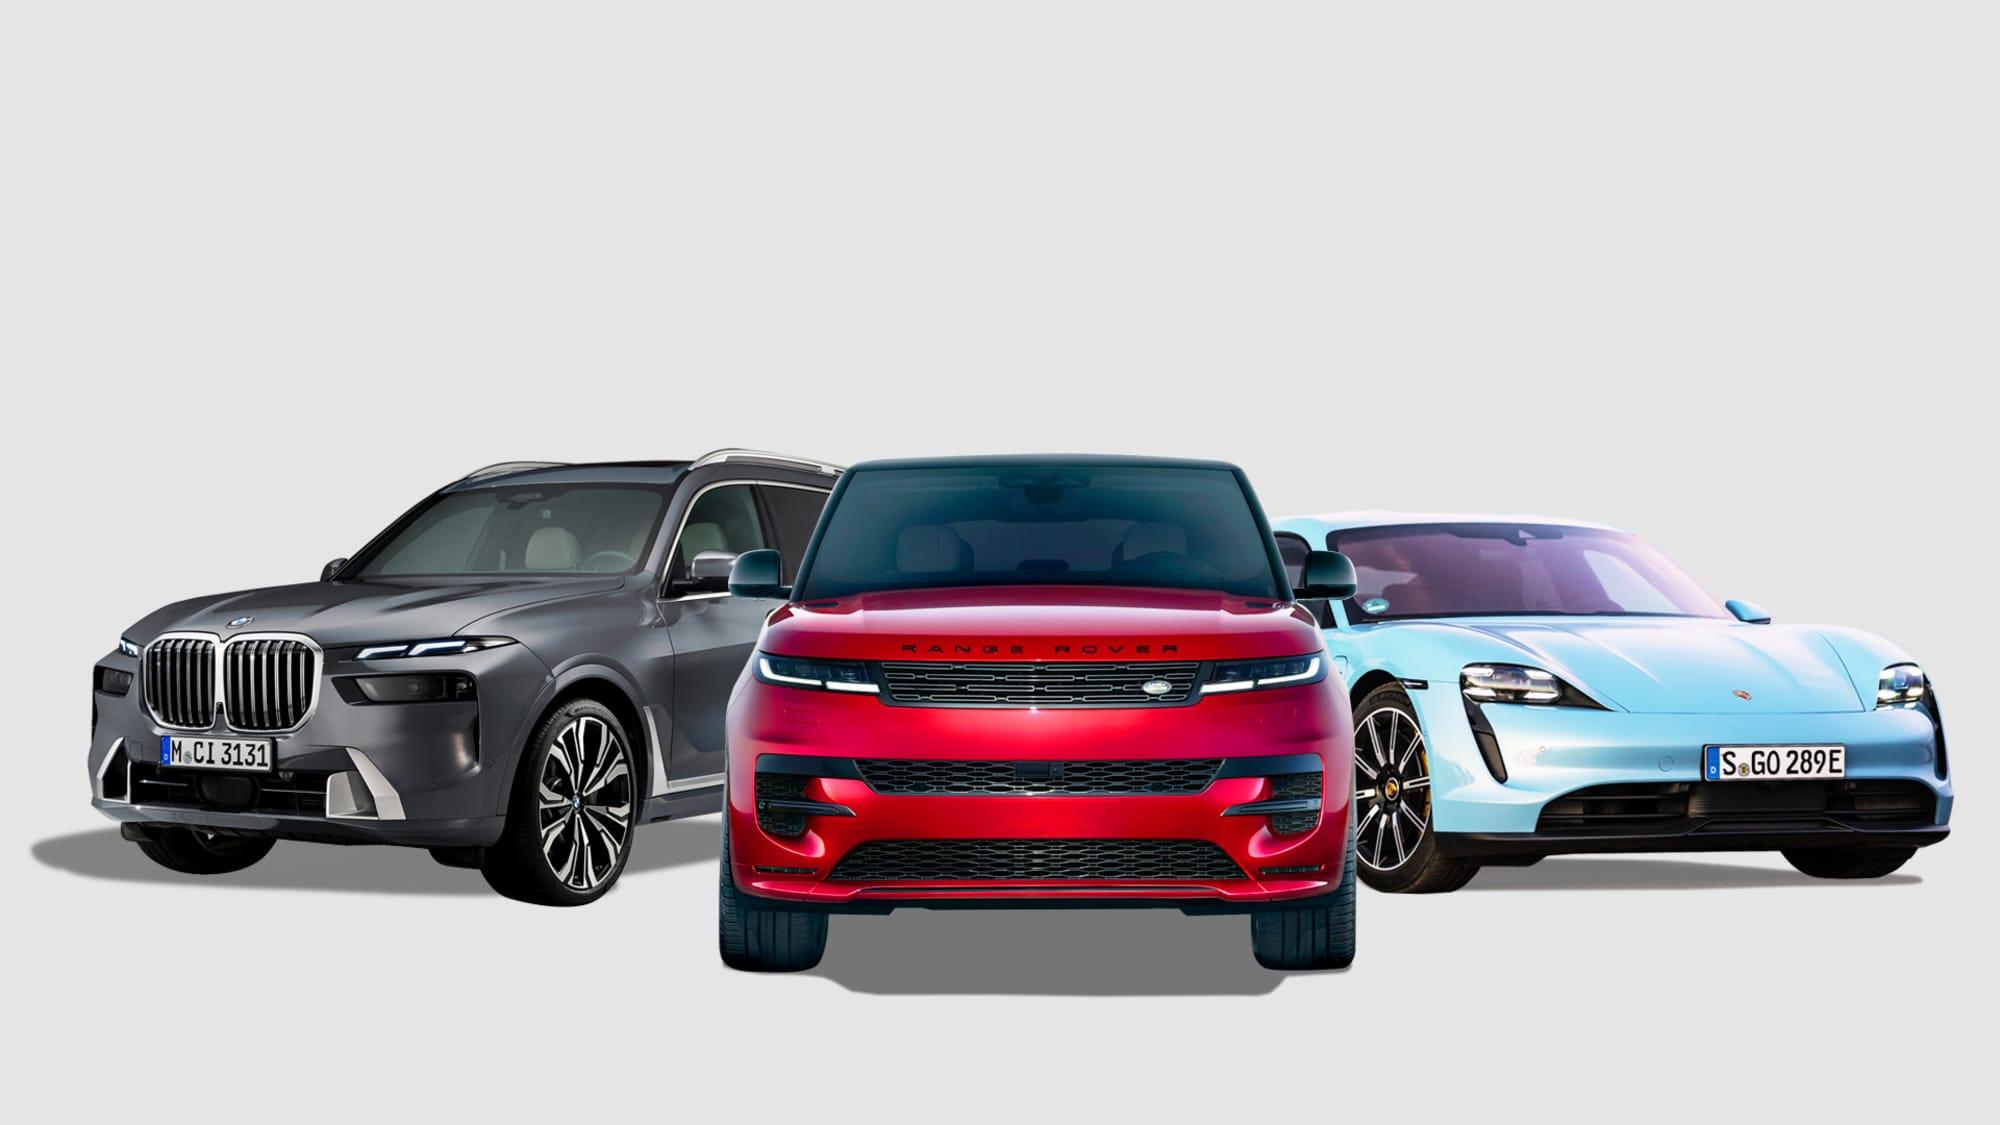 Land Rover Range Rover Sport, BMW X7 xDrive, Porsche Taycan